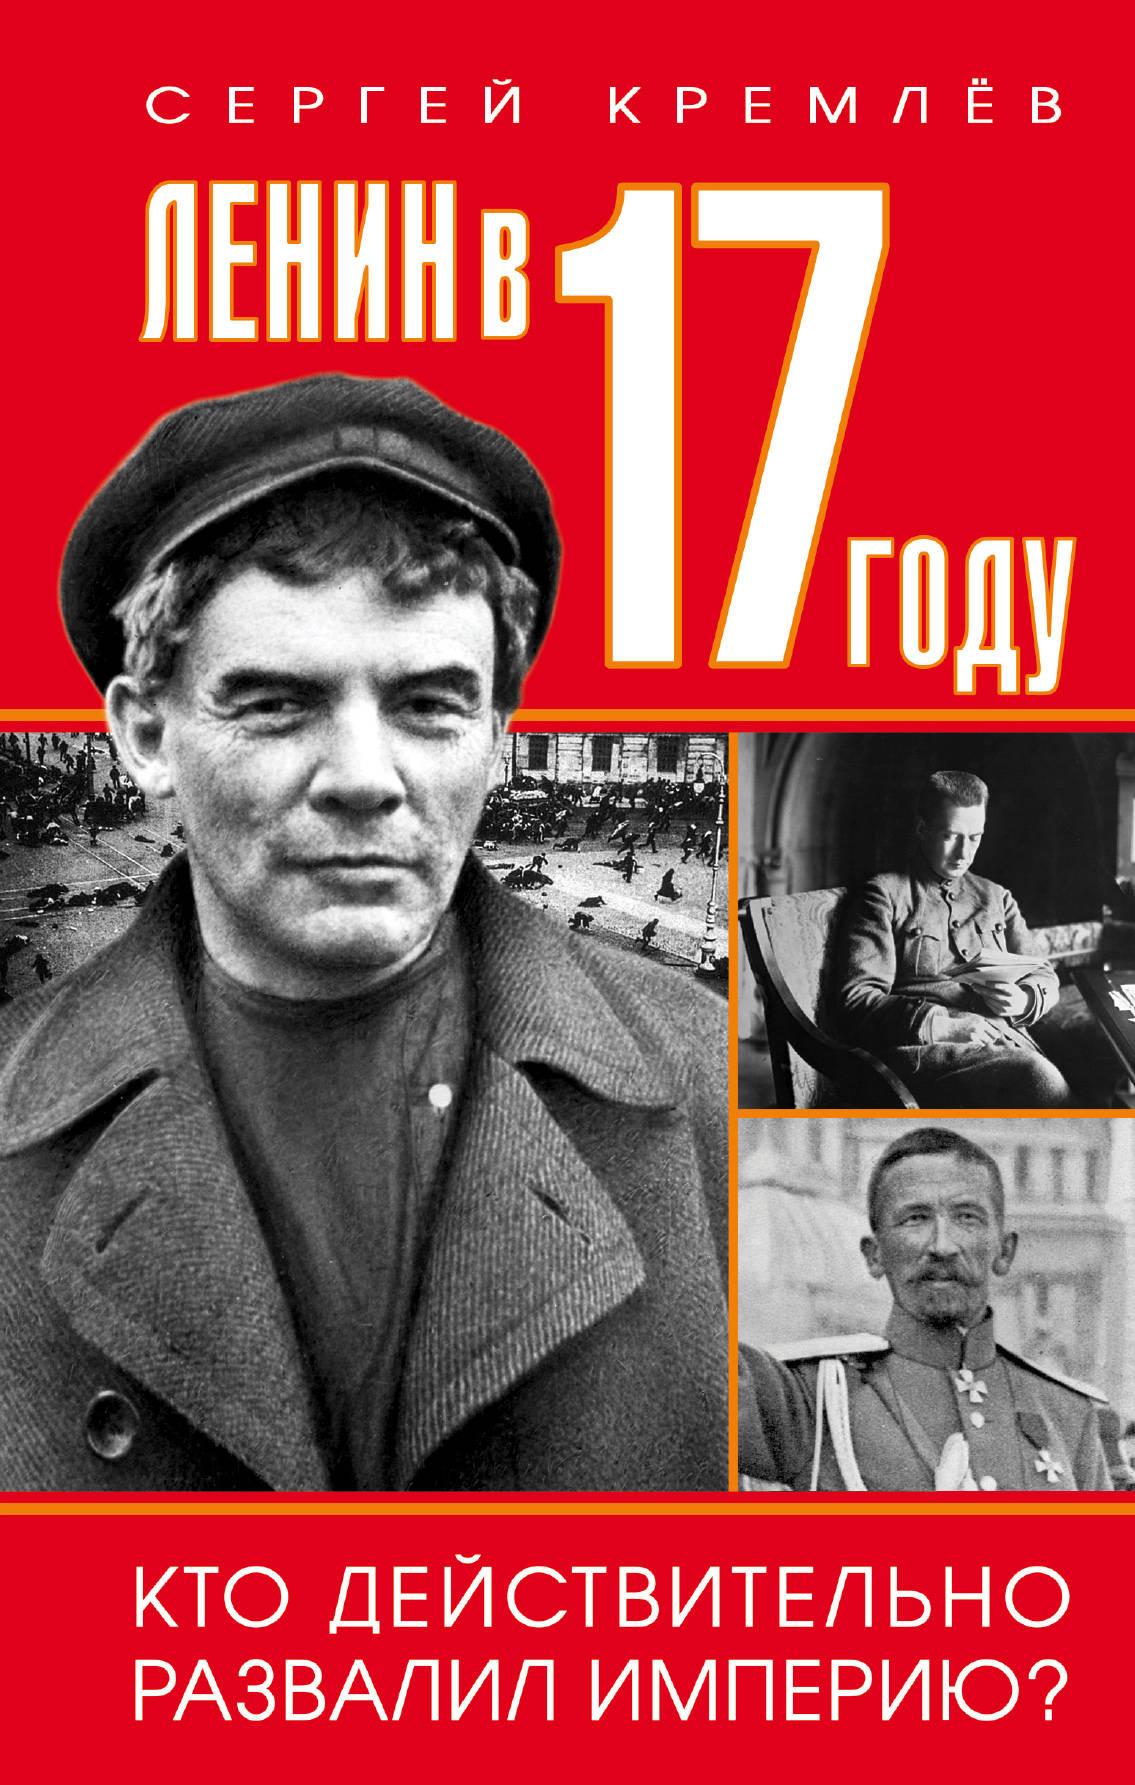 Сергей Кремлев Ленин в 1917 году